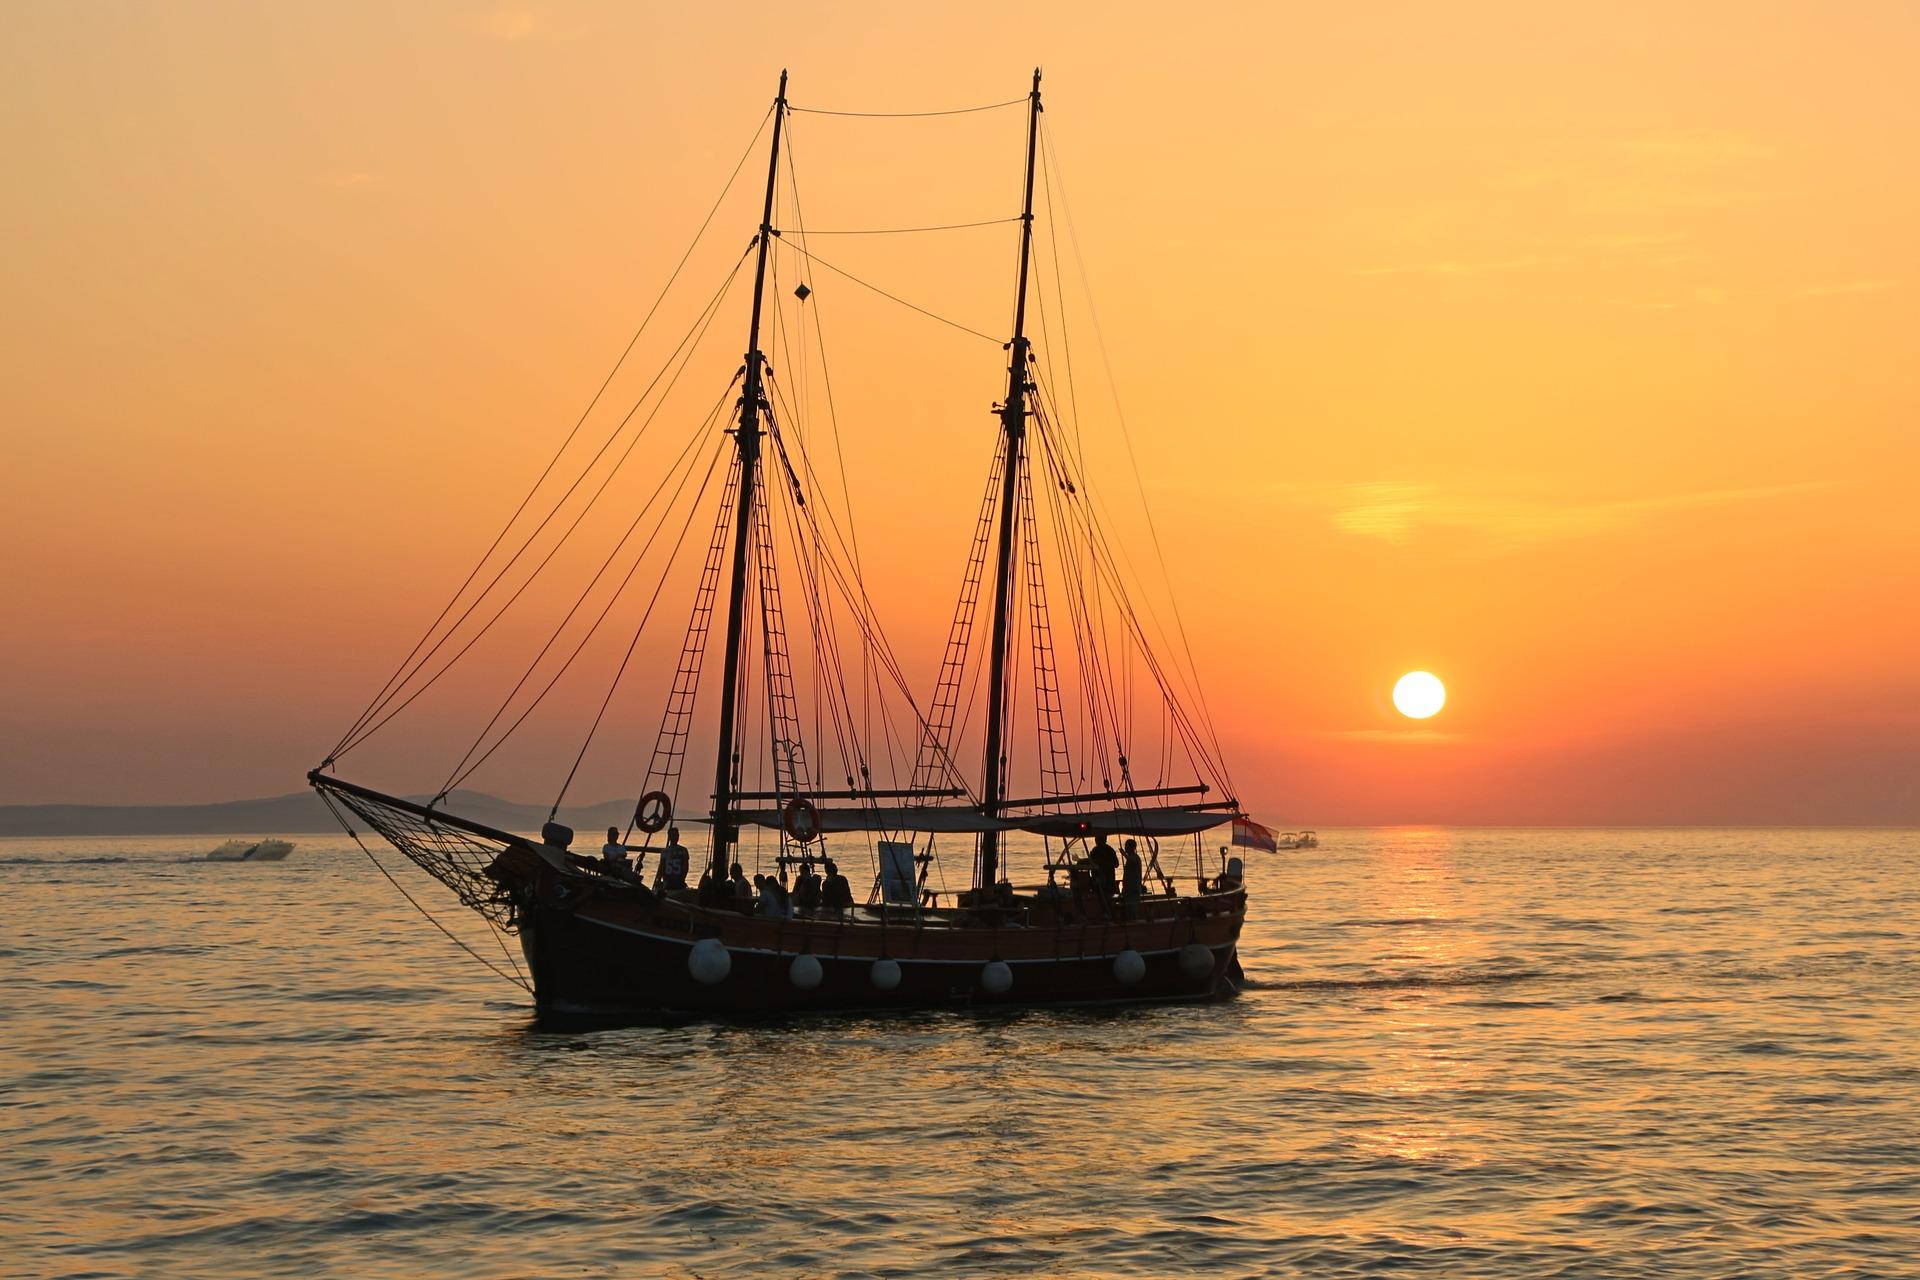 caicco al tramonto